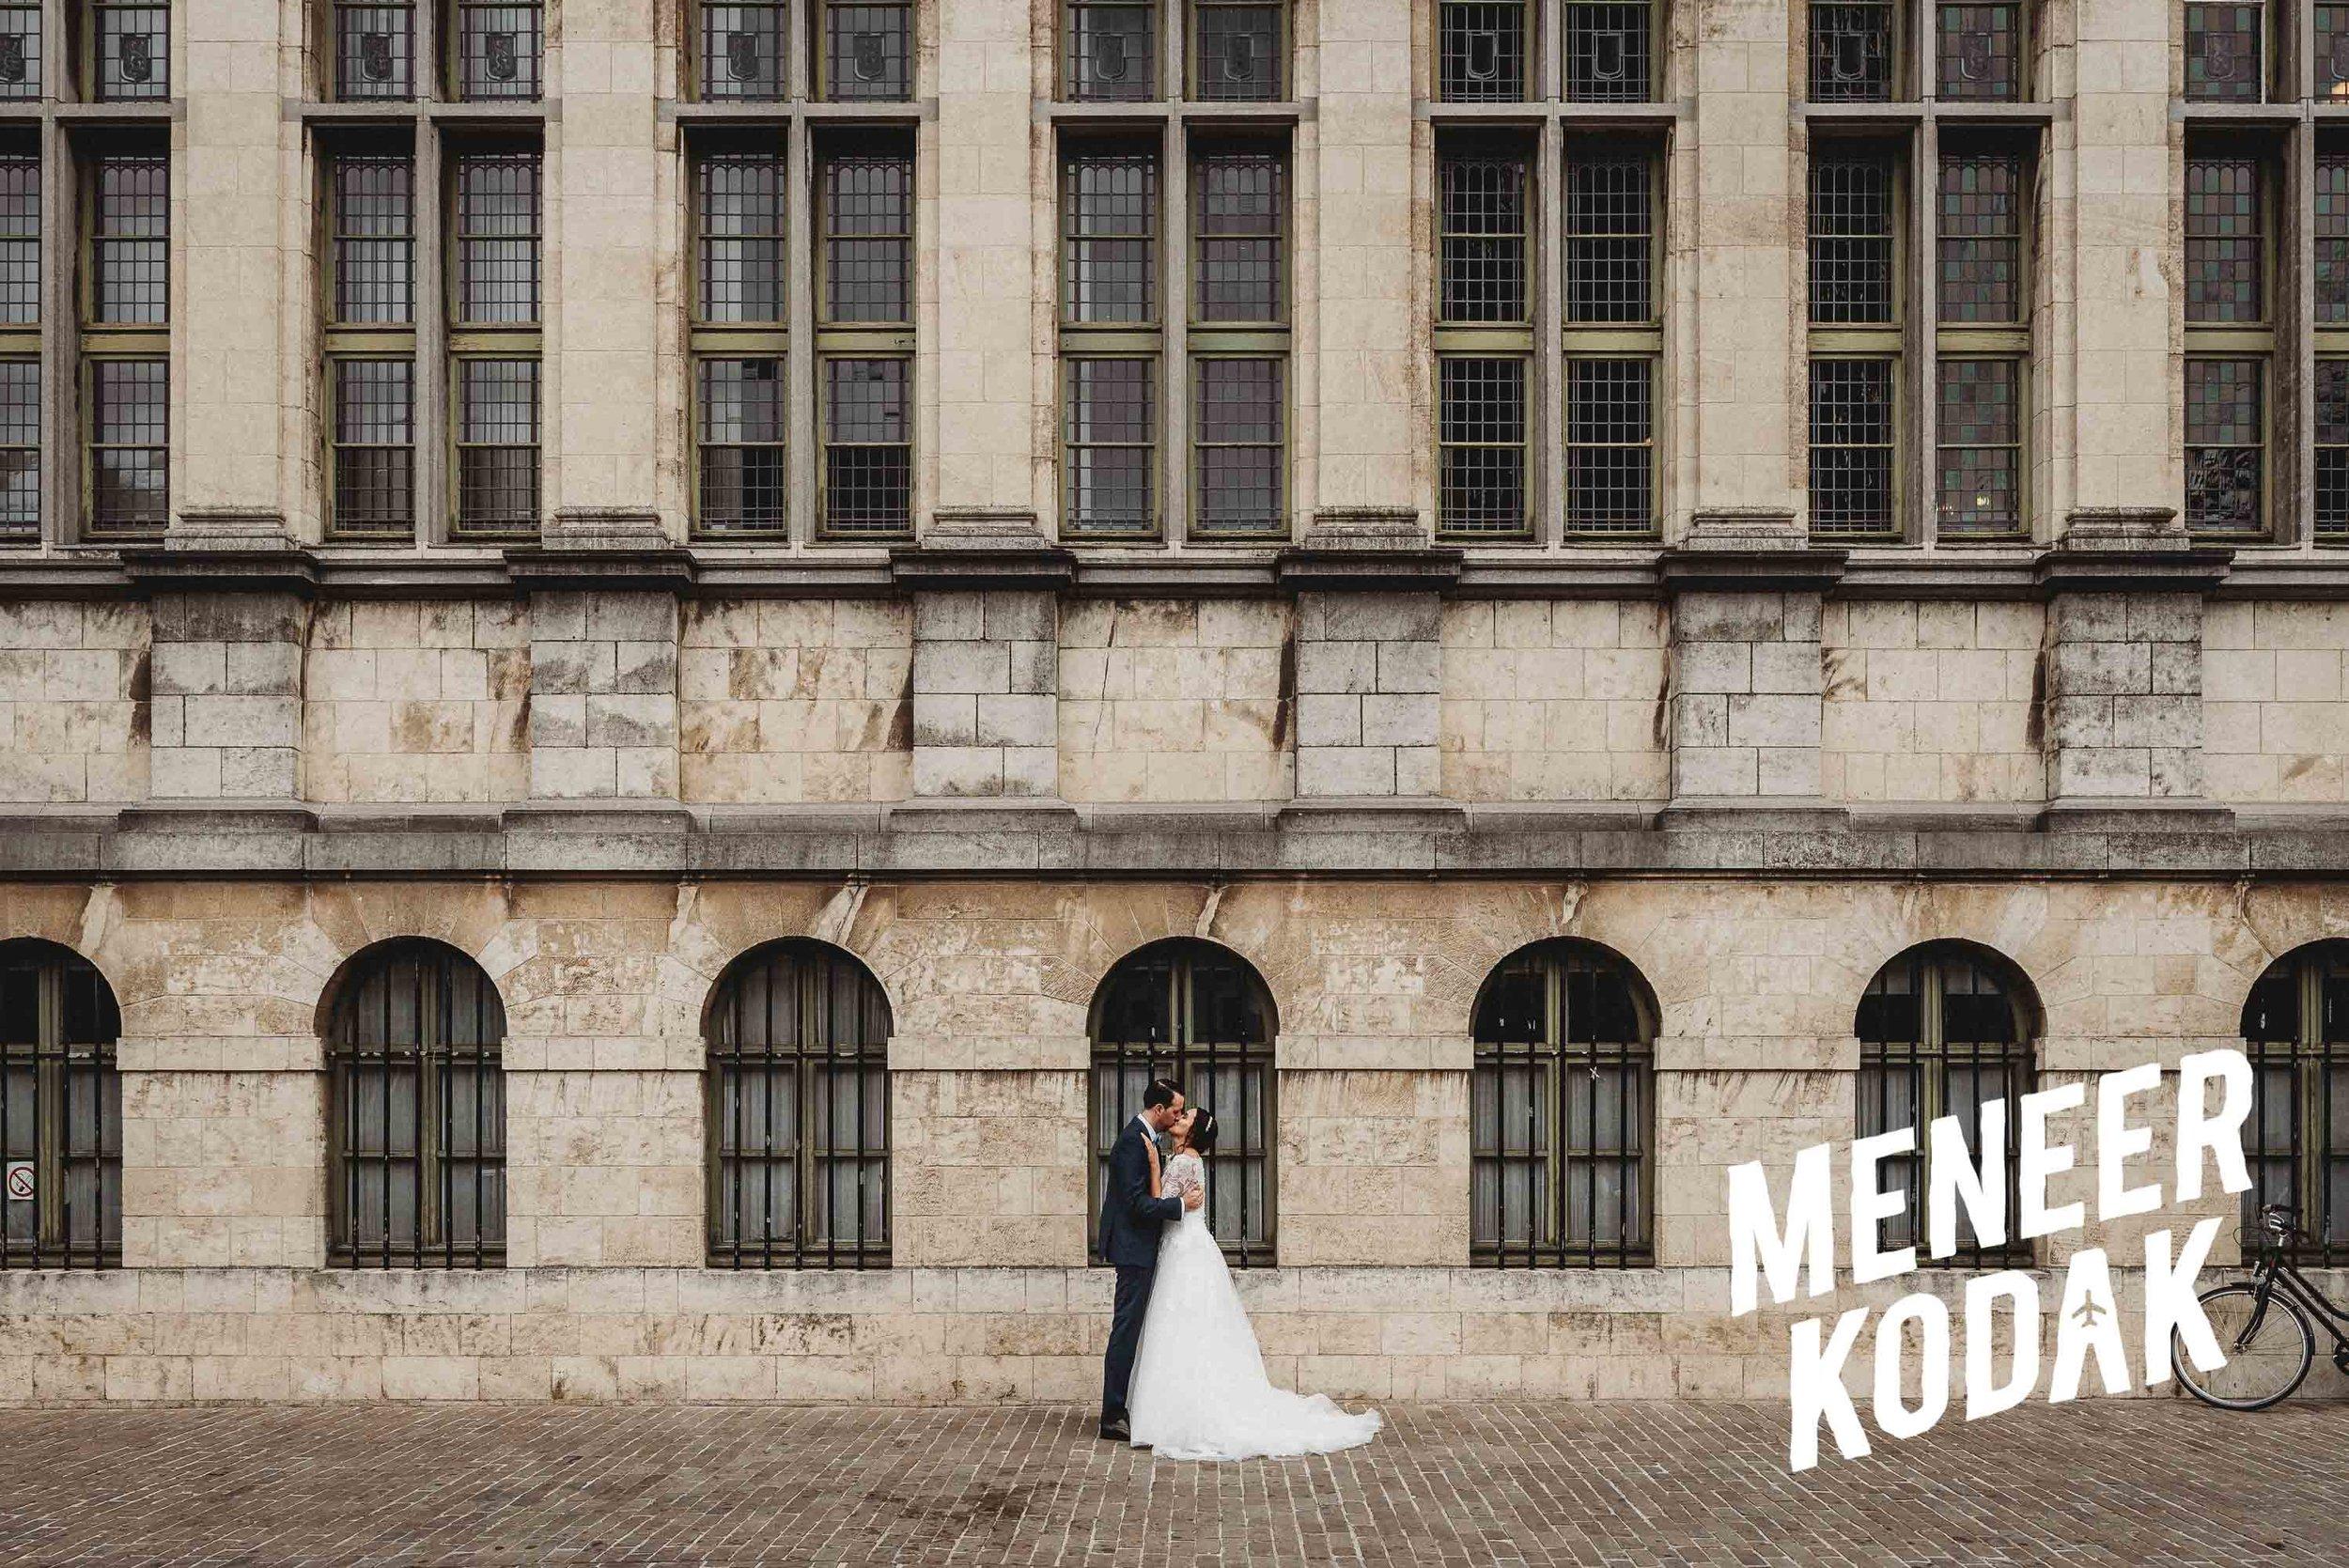 Meneer Kodak - Trouwfotograaf - Gent - D&T-047.jpg